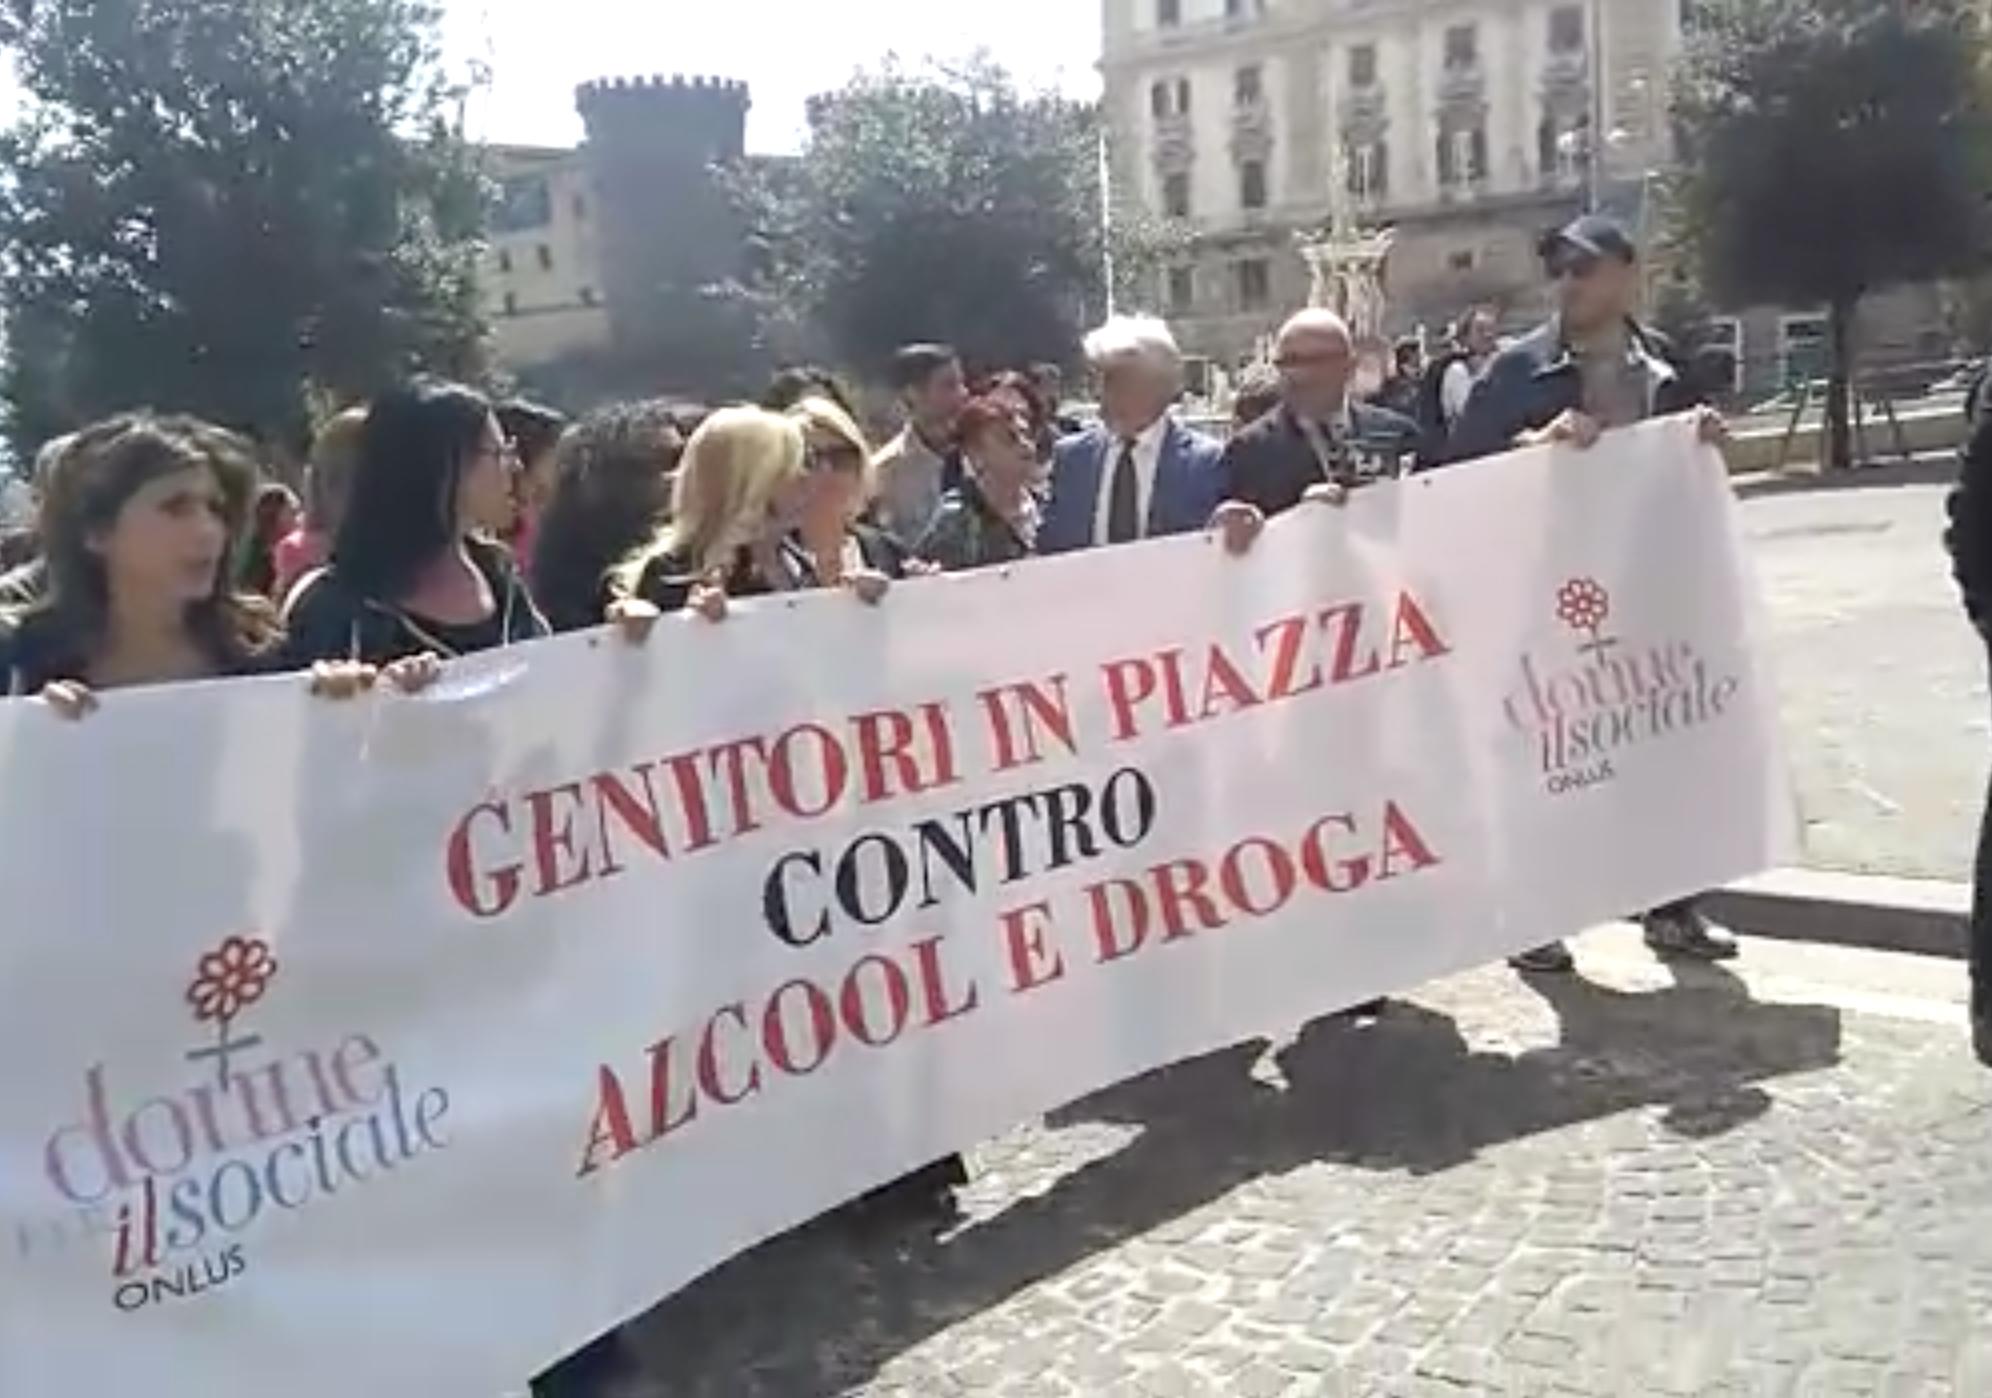 Photo of Napoli. Genitori in piazza contro alcol e droghe in memoria di Nicola Marra